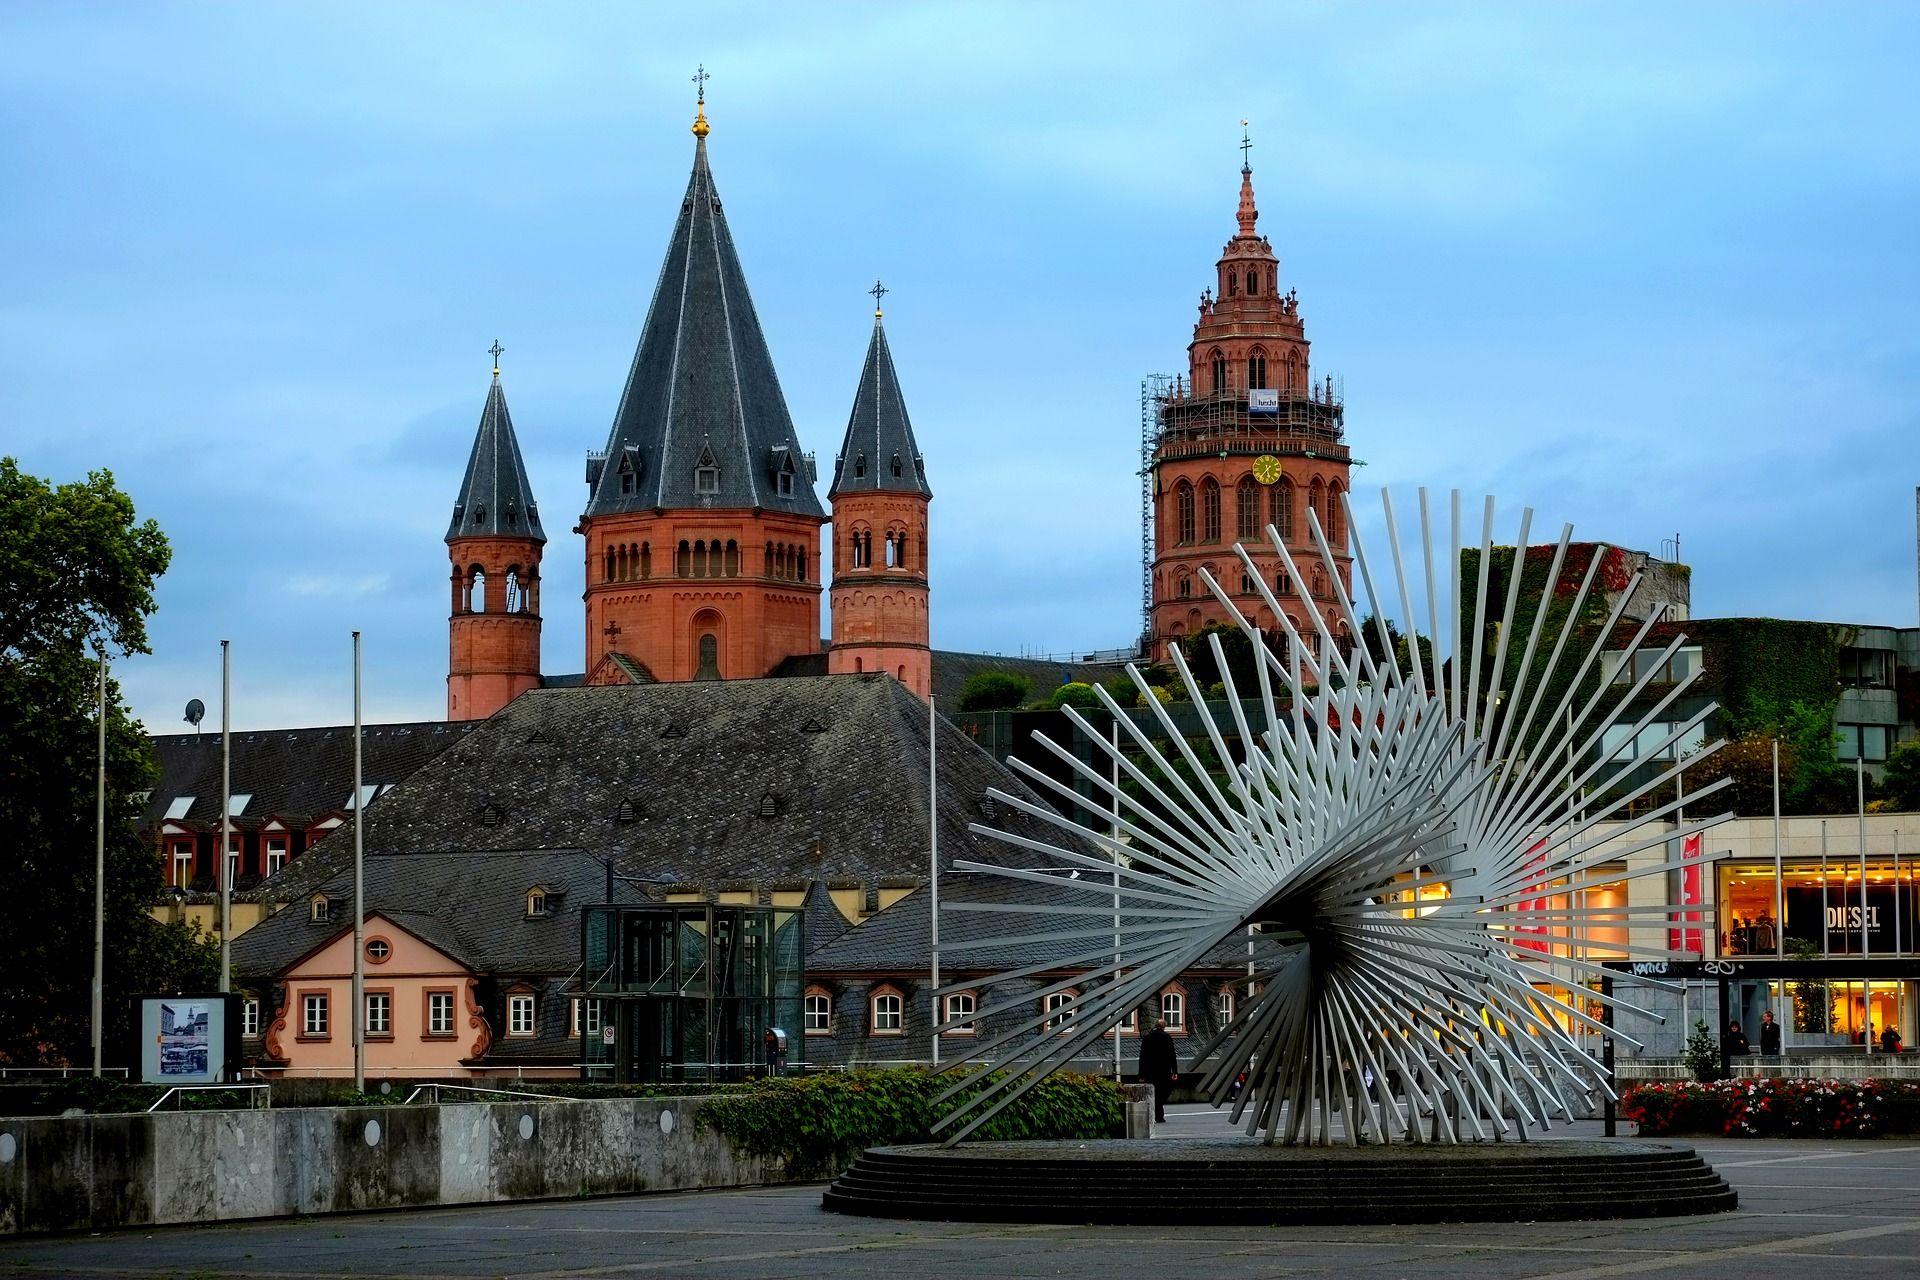 Ausrufung des Klimanotstands in Mainz doch nur Symbolpolitik?